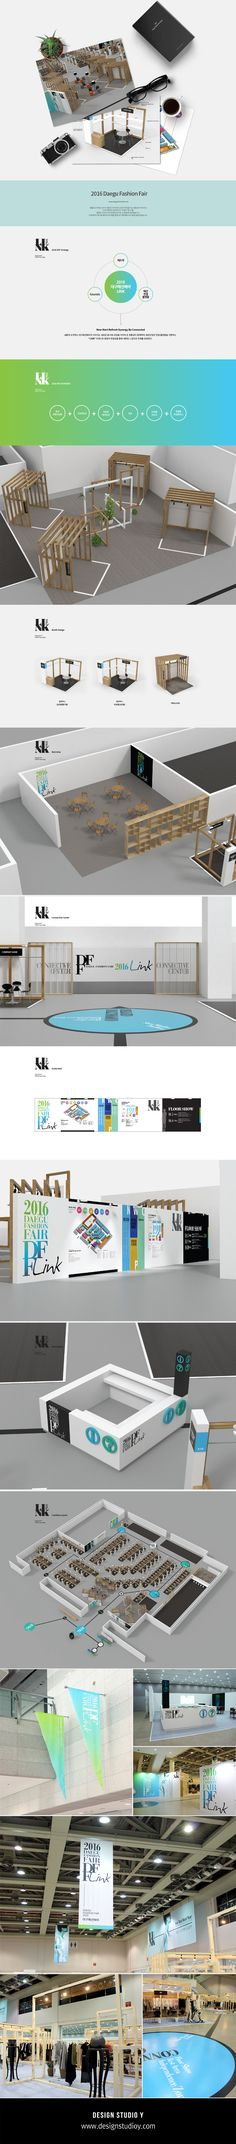 2016 DFF(Daegu fashion fair) Space Design by DESIGN STUDIO Y